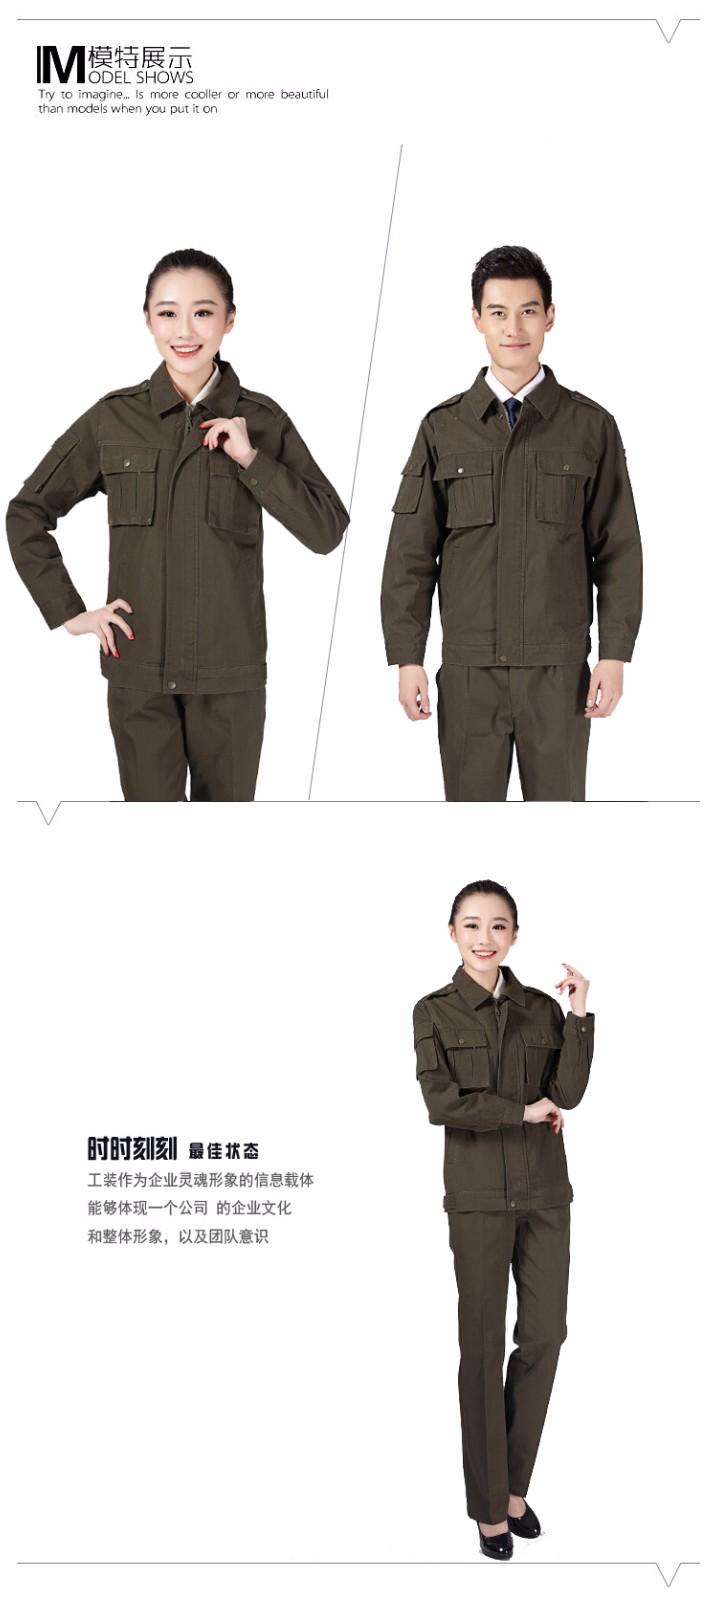 【厂家直销】供应春秋纯棉长袖工作服男女套装 -01图片二